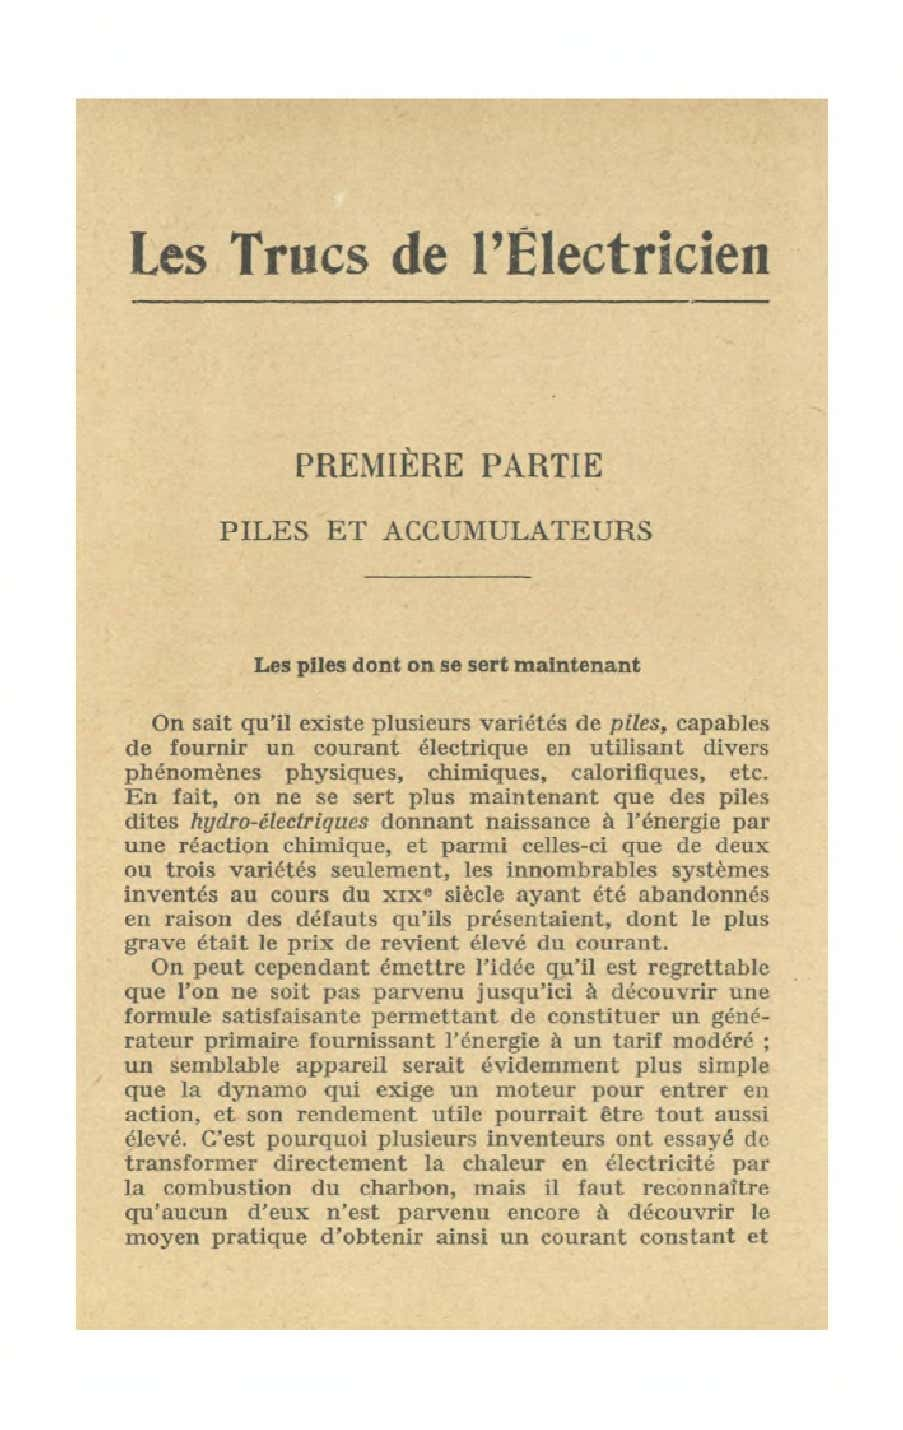 [PDF] Ouvrages anciens :Manuels de travaux d'amateurs  9-4368fb7f27